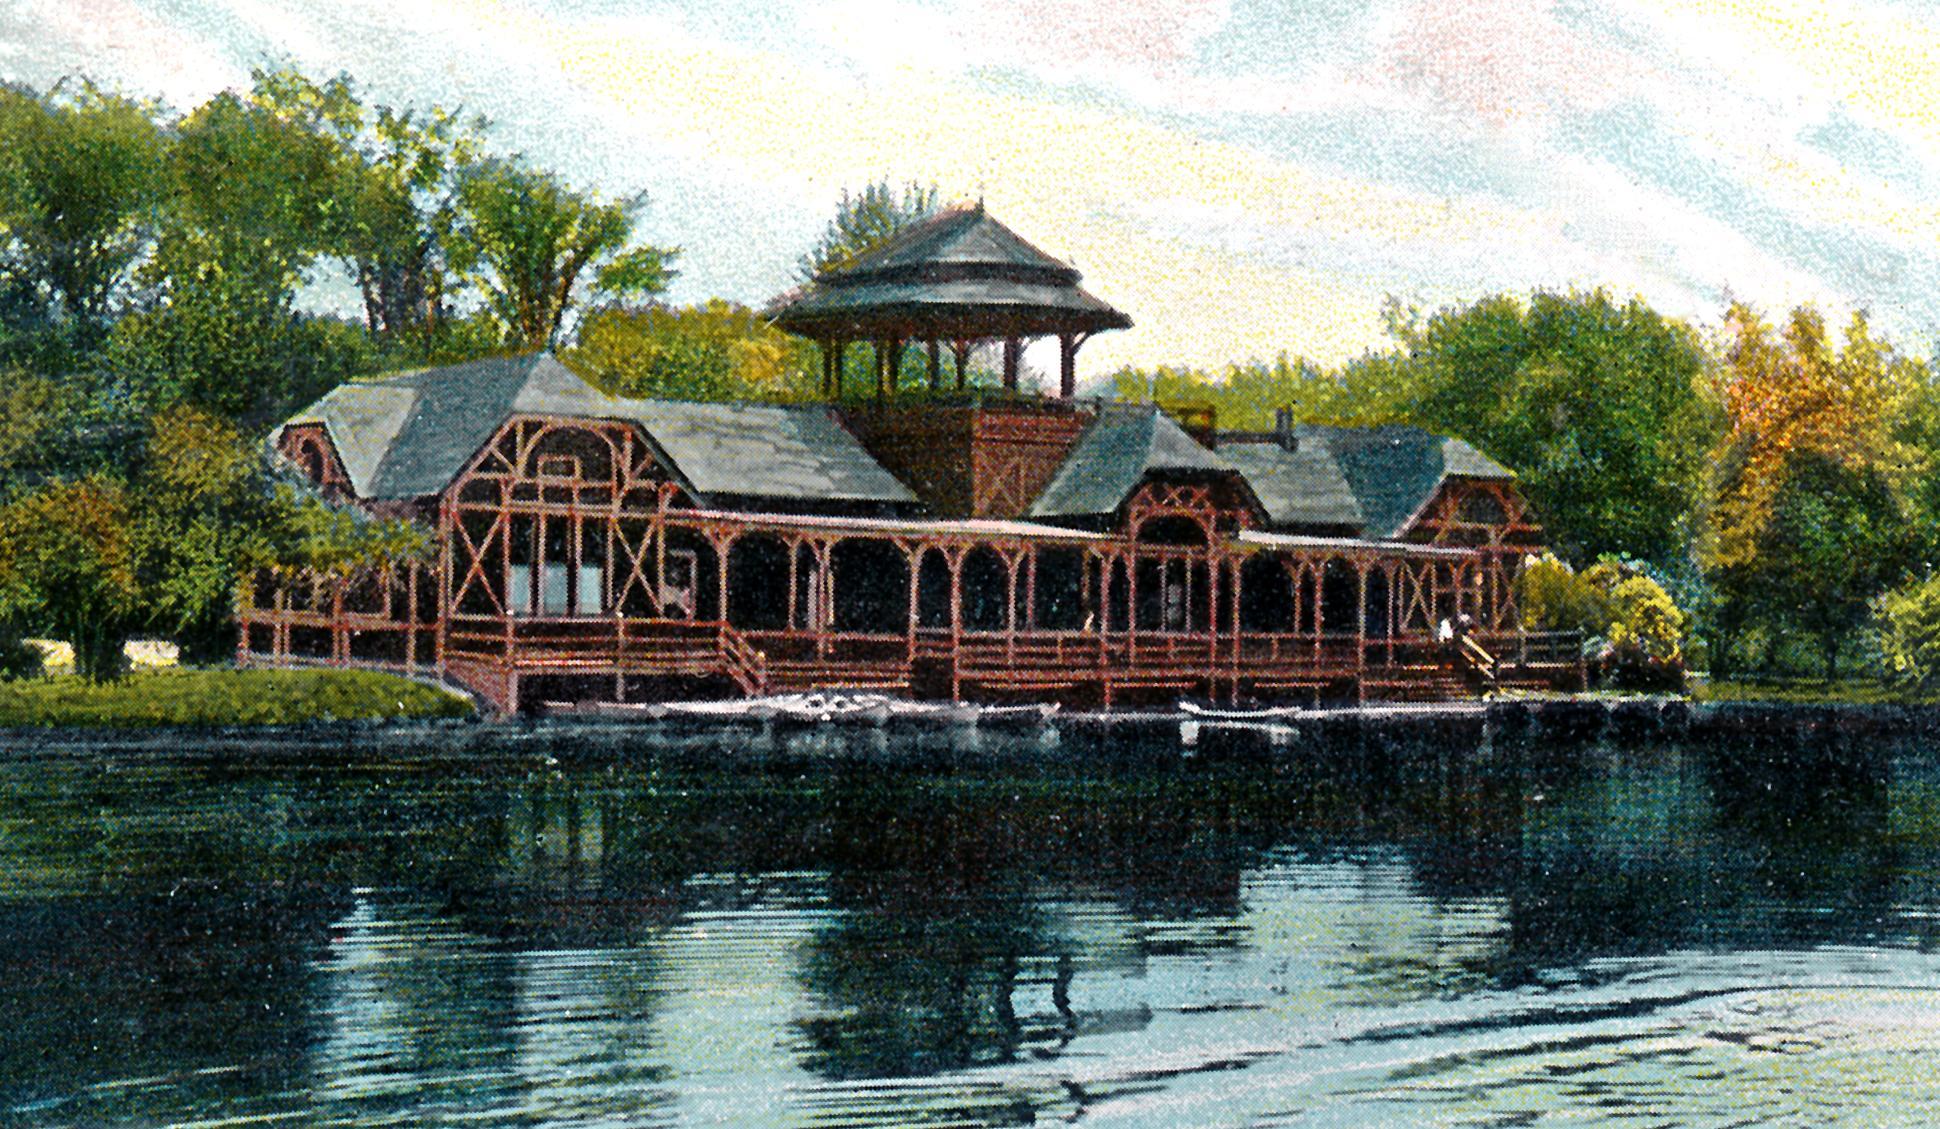 Boat House Washington Park Lake 1907 Albany Ny Early 1900s